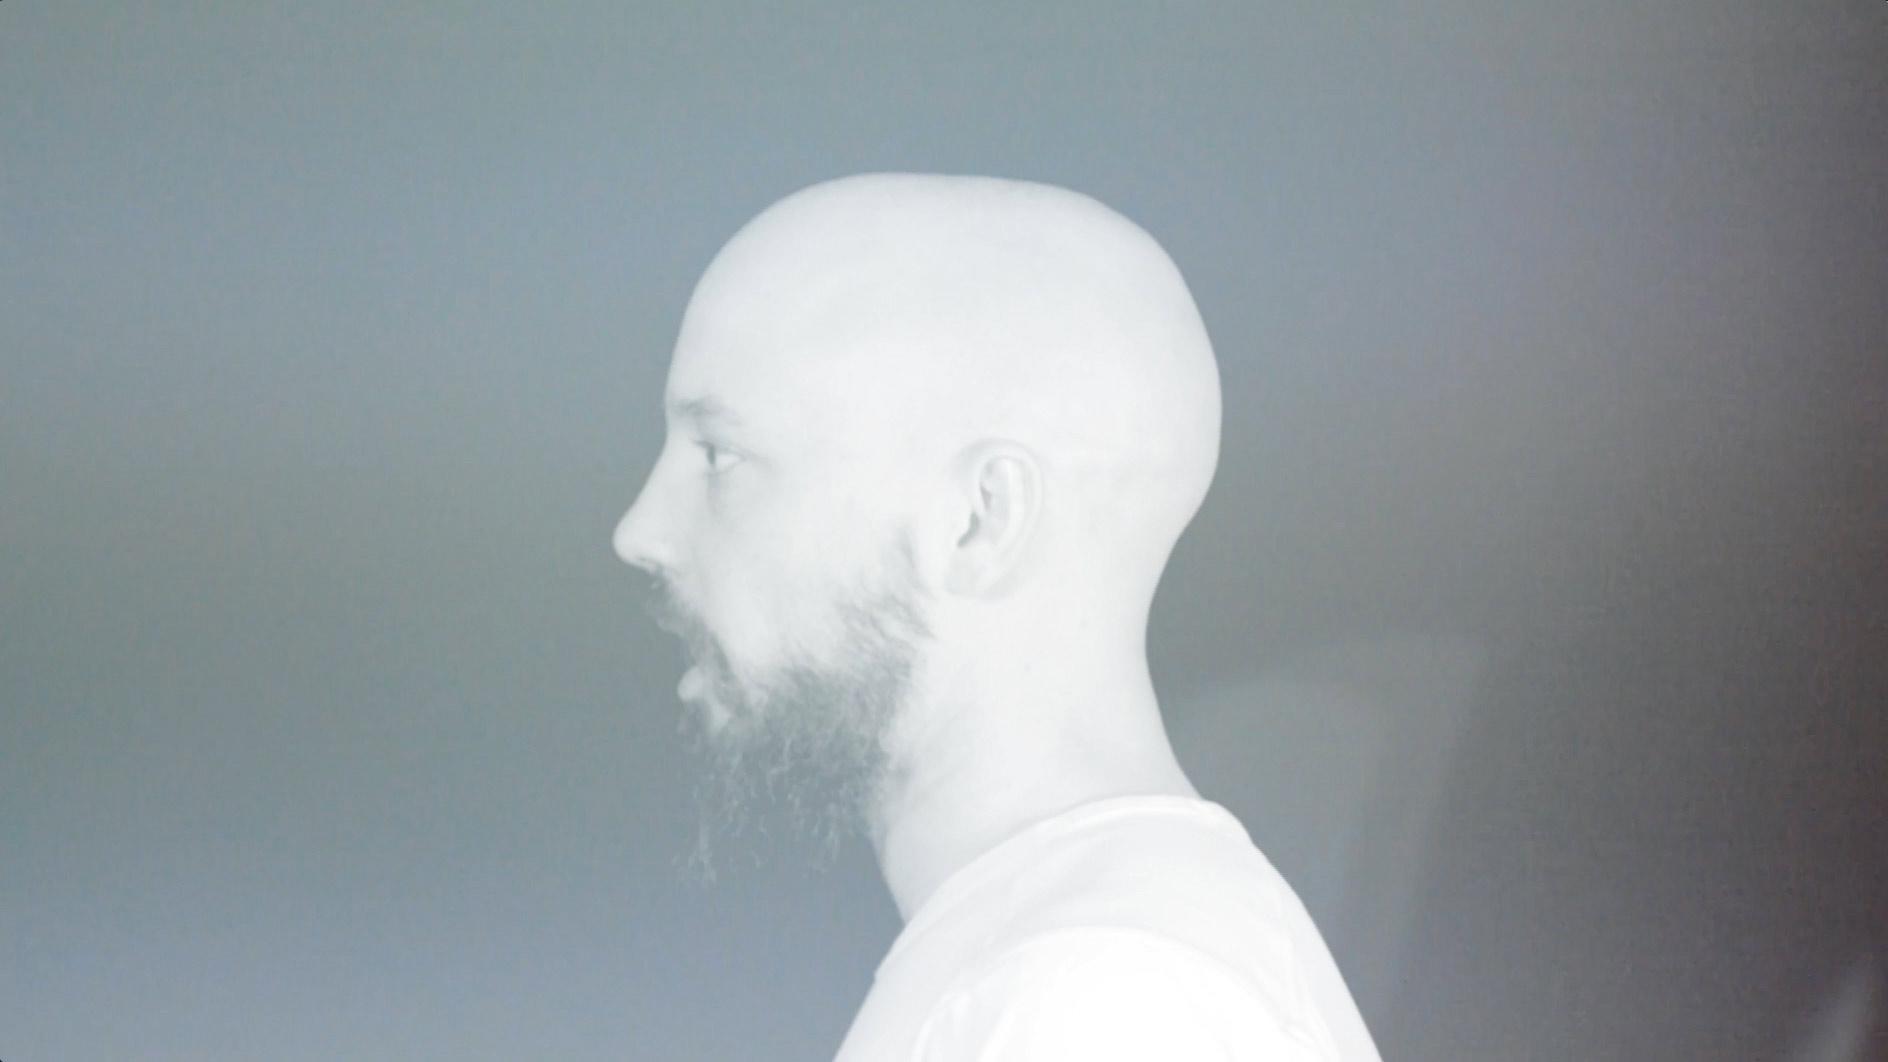 equipe-visuelle-luzern-emmenbruecke-the-fridge-kiddo-musikvideo-zuerich